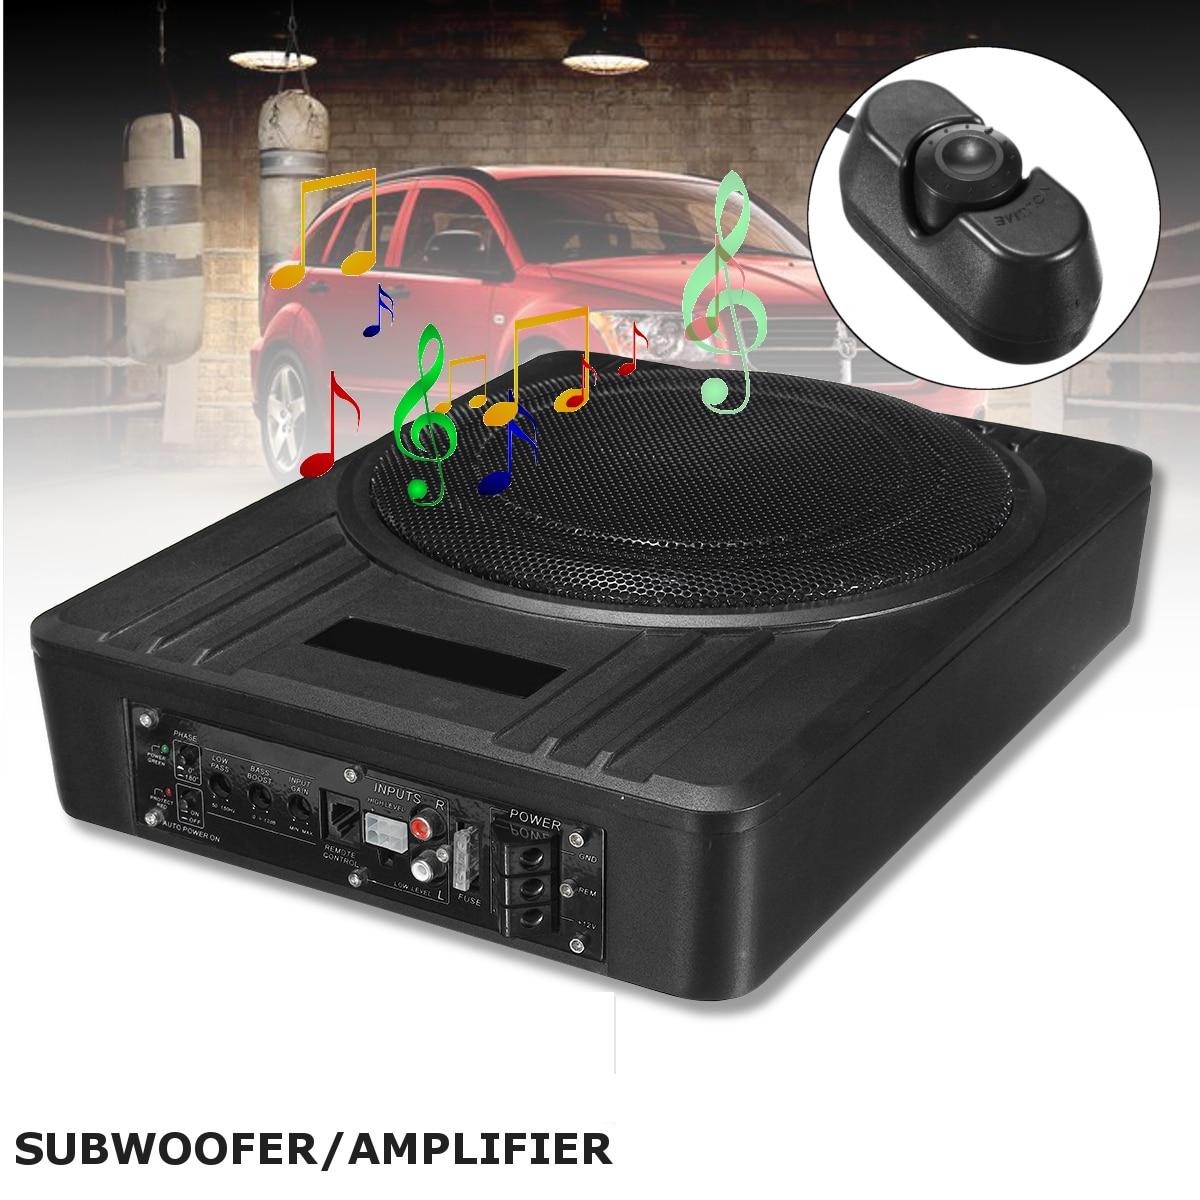 KROAK Universel 10 Pouces 600 w Mince Sous-Siège Alimenté Voiture Subwoofer Amplificateur Amp Super Basse De Voiture Haut-Parleur Subwoofers